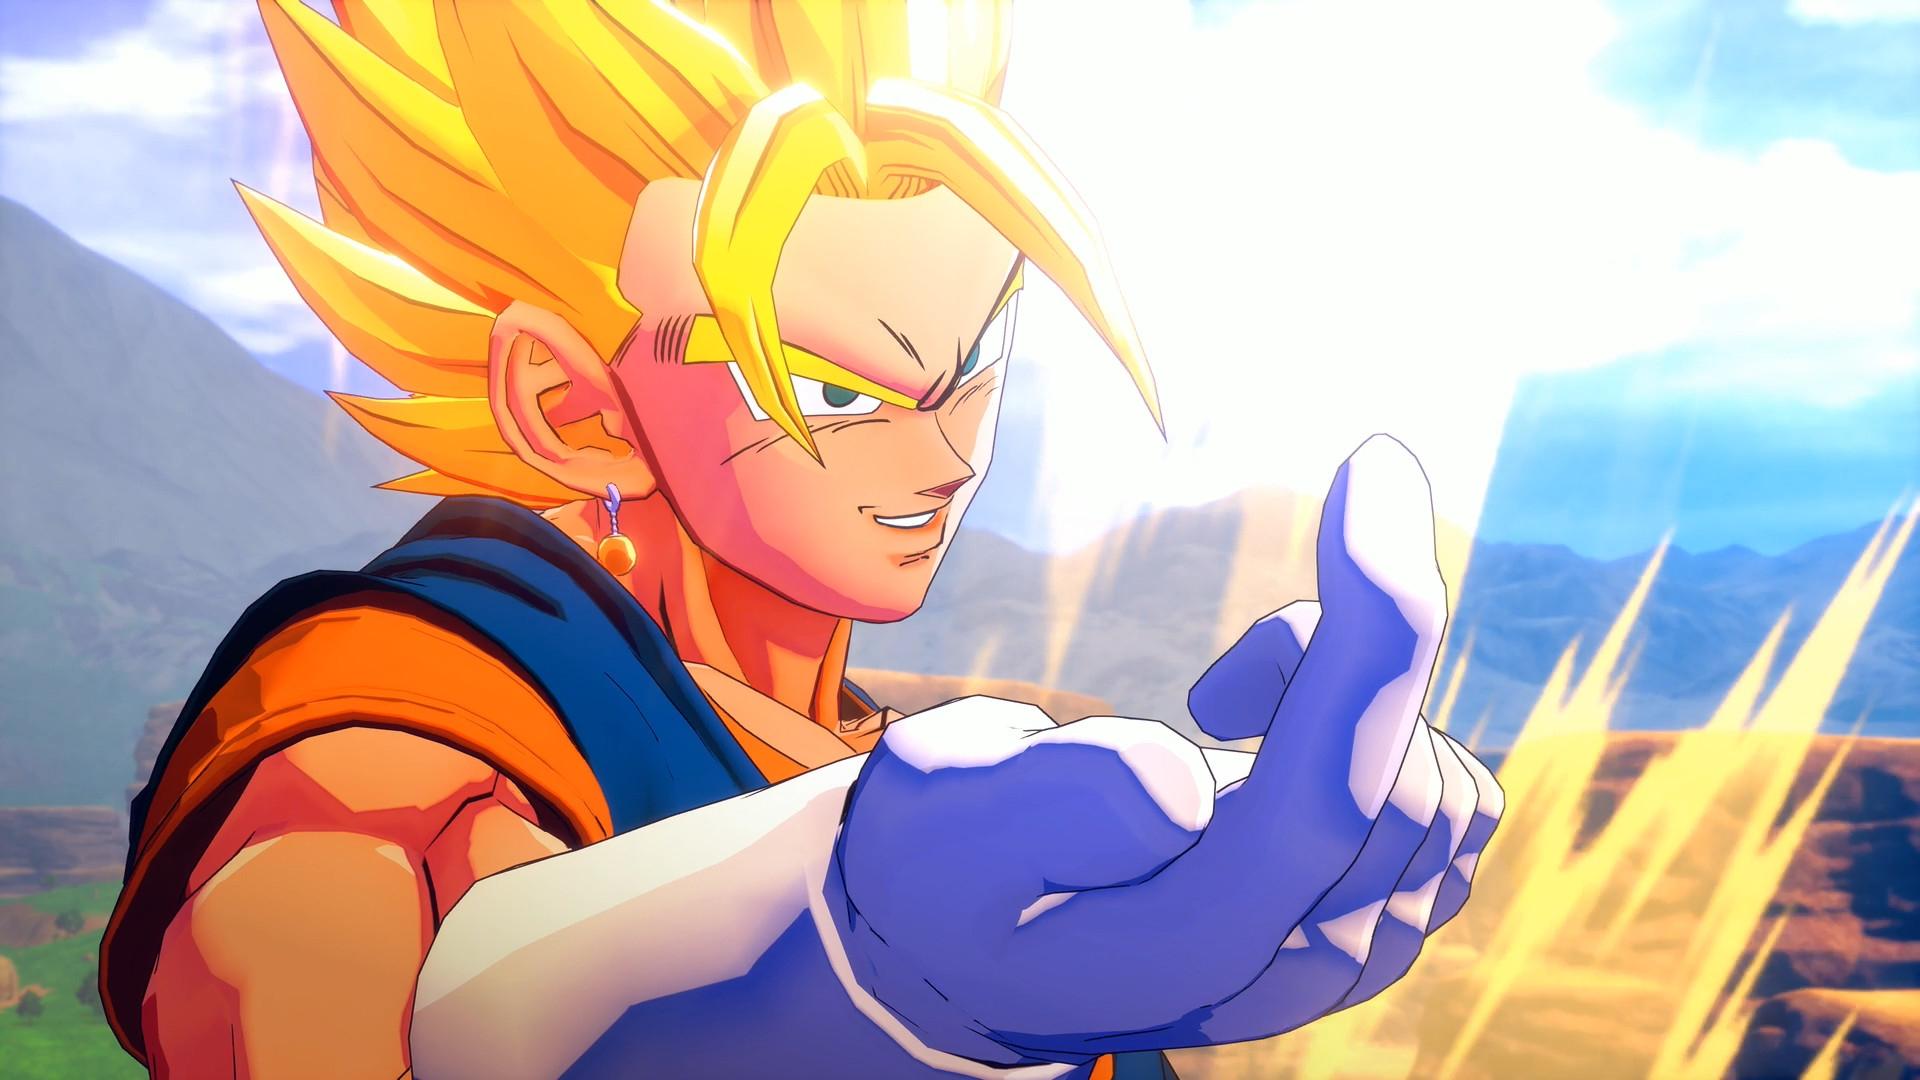 Выпущен патч 1.05 для Dragon Ball Z: Kakarot исправлено несколько ошибок